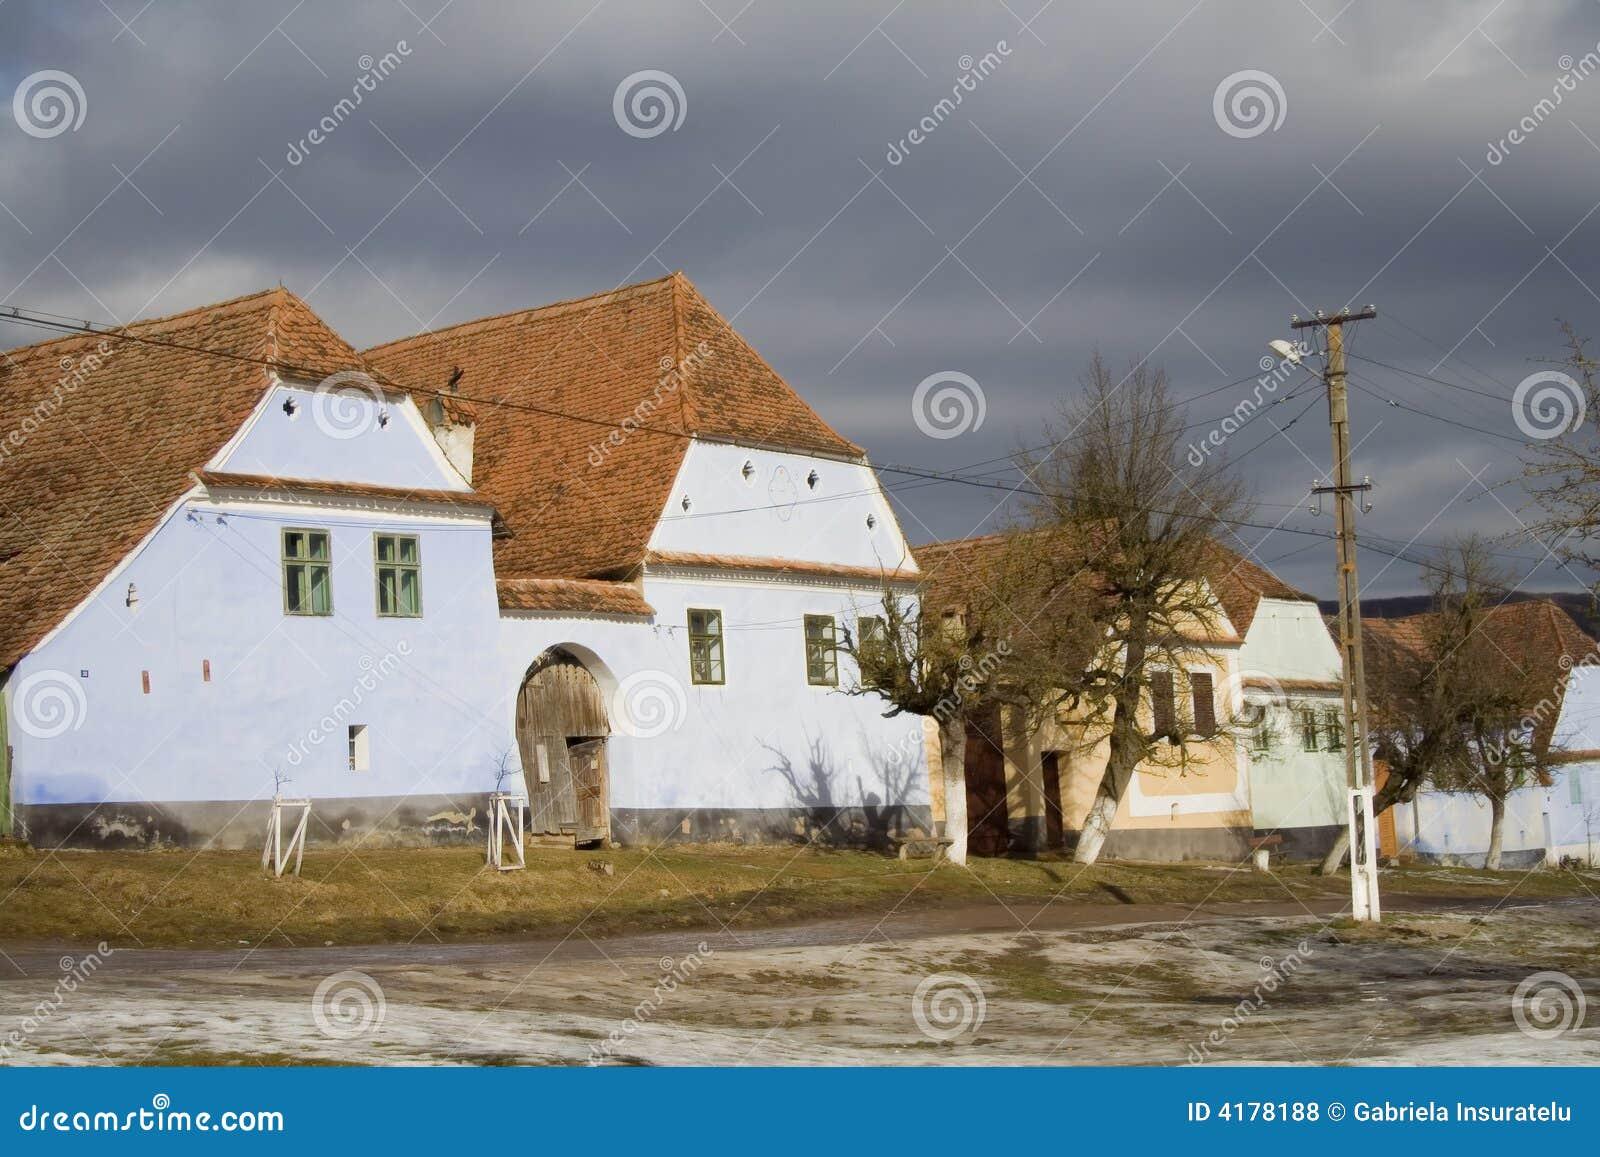 撒克逊人的村庄